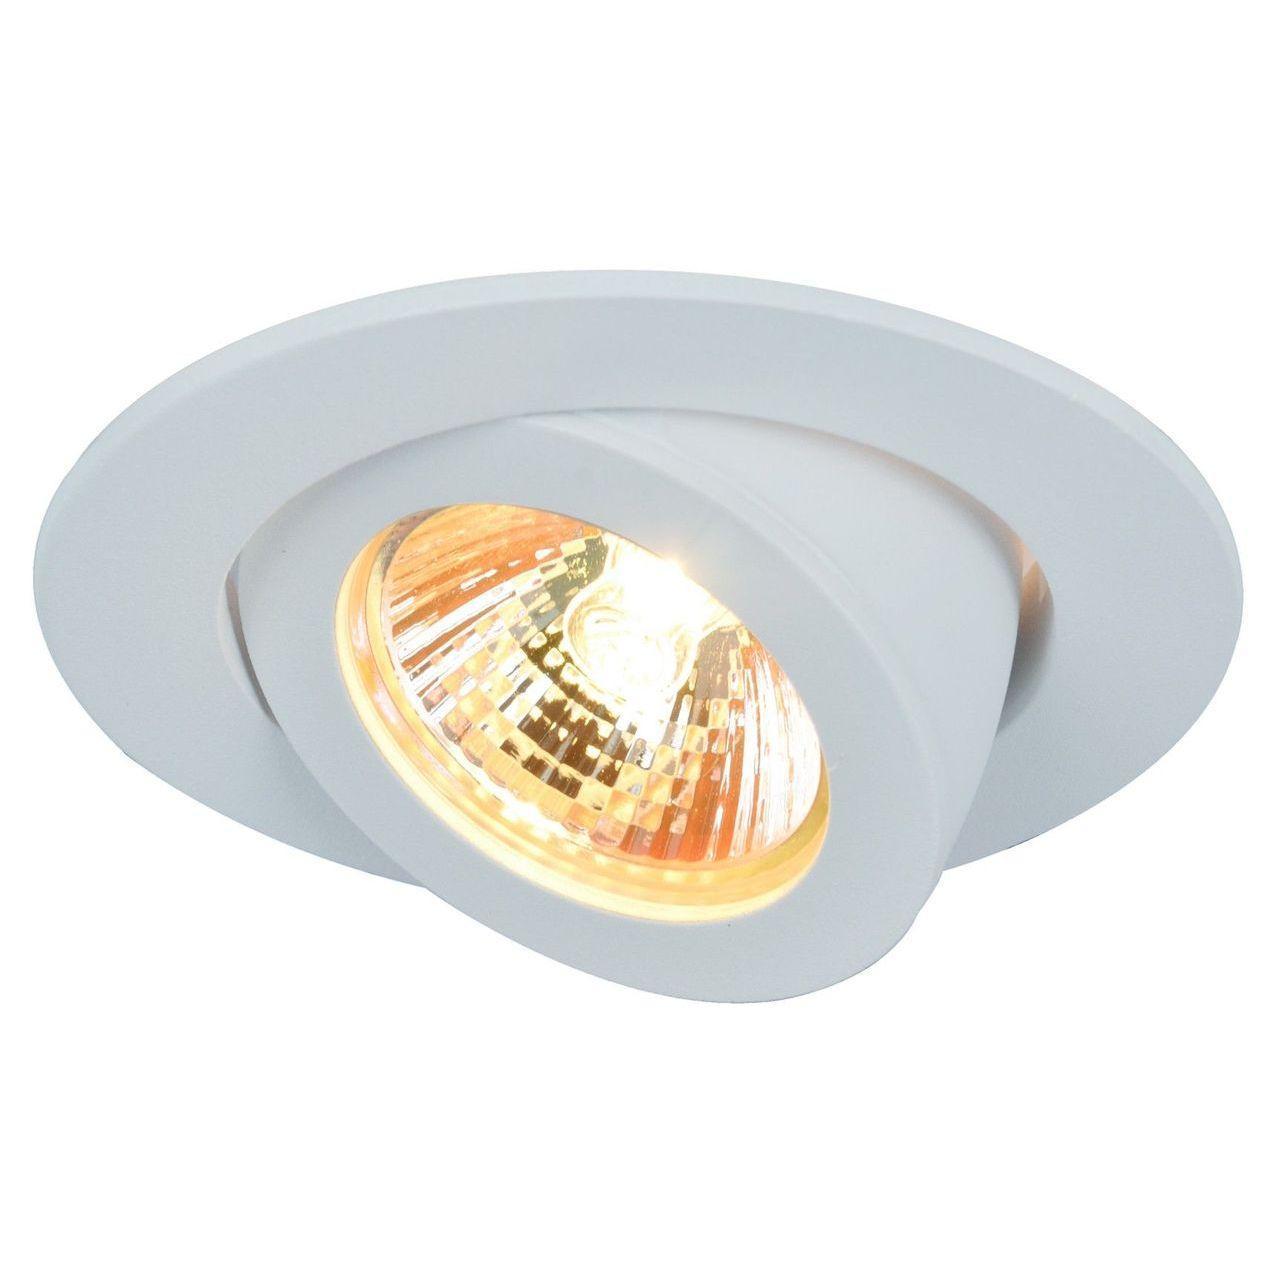 Встраиваемый светильник Arte Lamp Accento A4009PL-1WH встраиваемый светильник arte lamp accento a4009pl 1wh